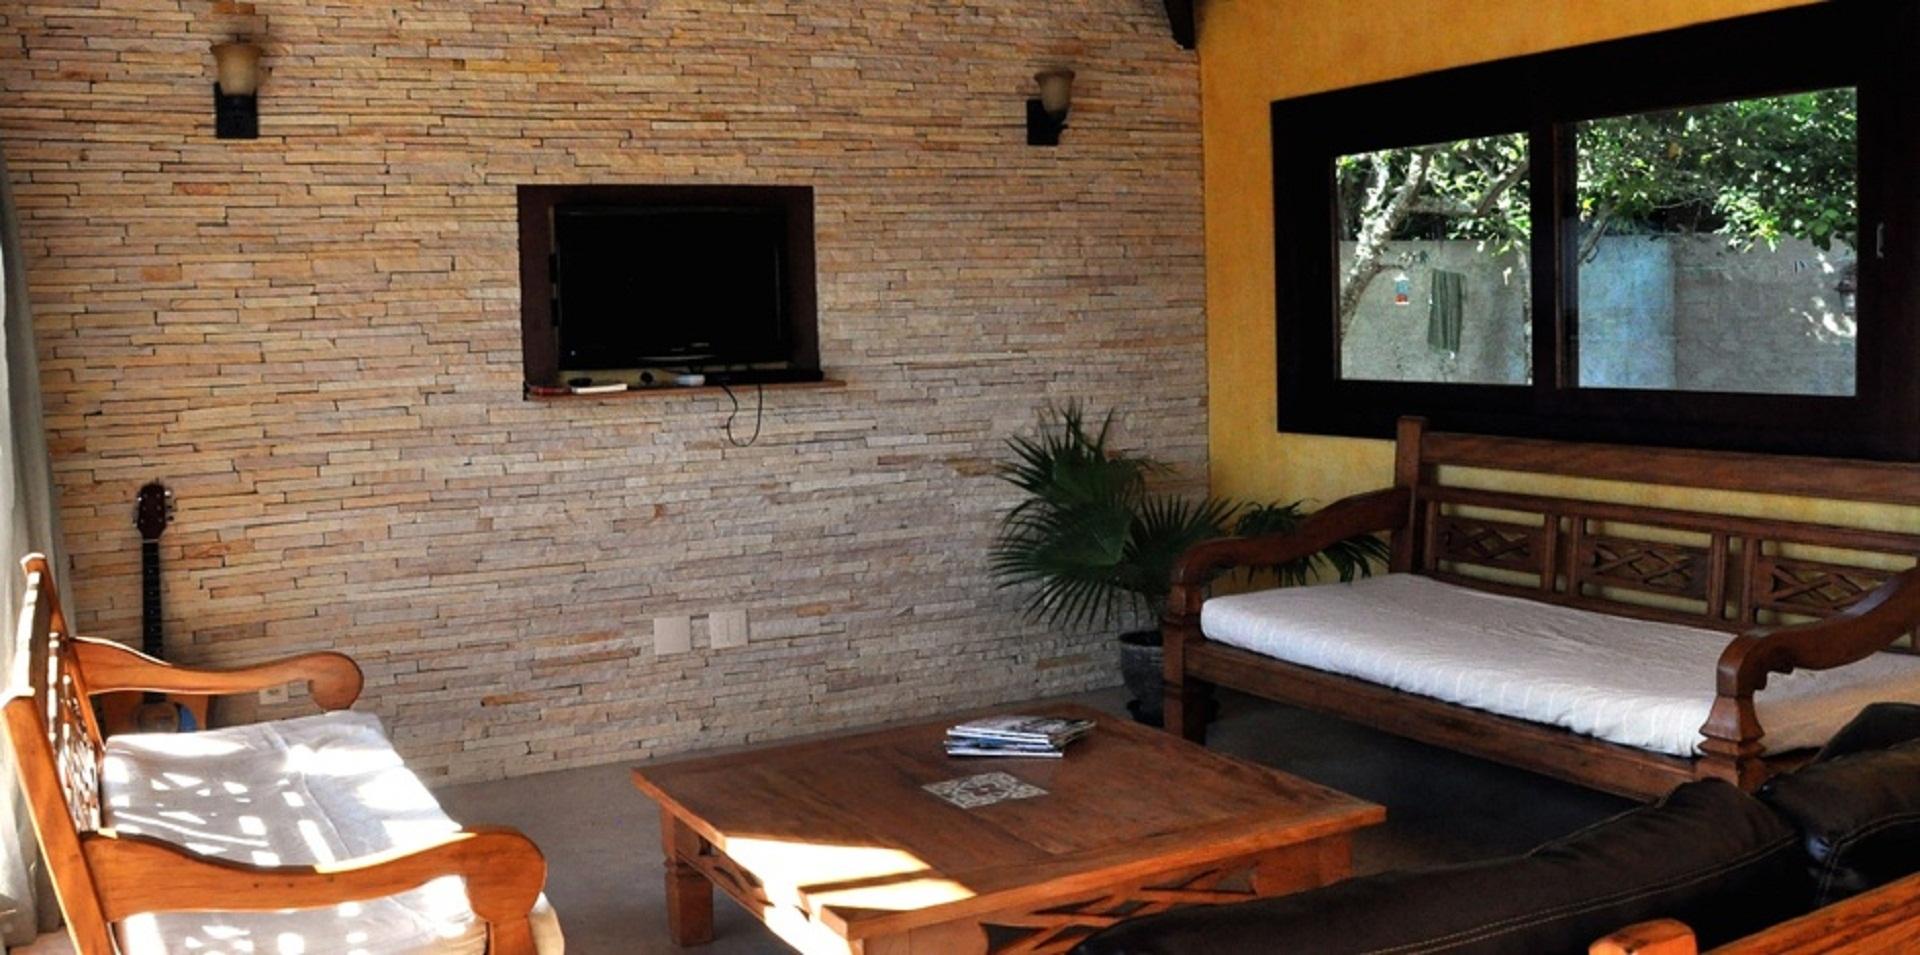 Fotos gratis villa caba a propiedad sala mueble for Diseno de interiores de casas gratis